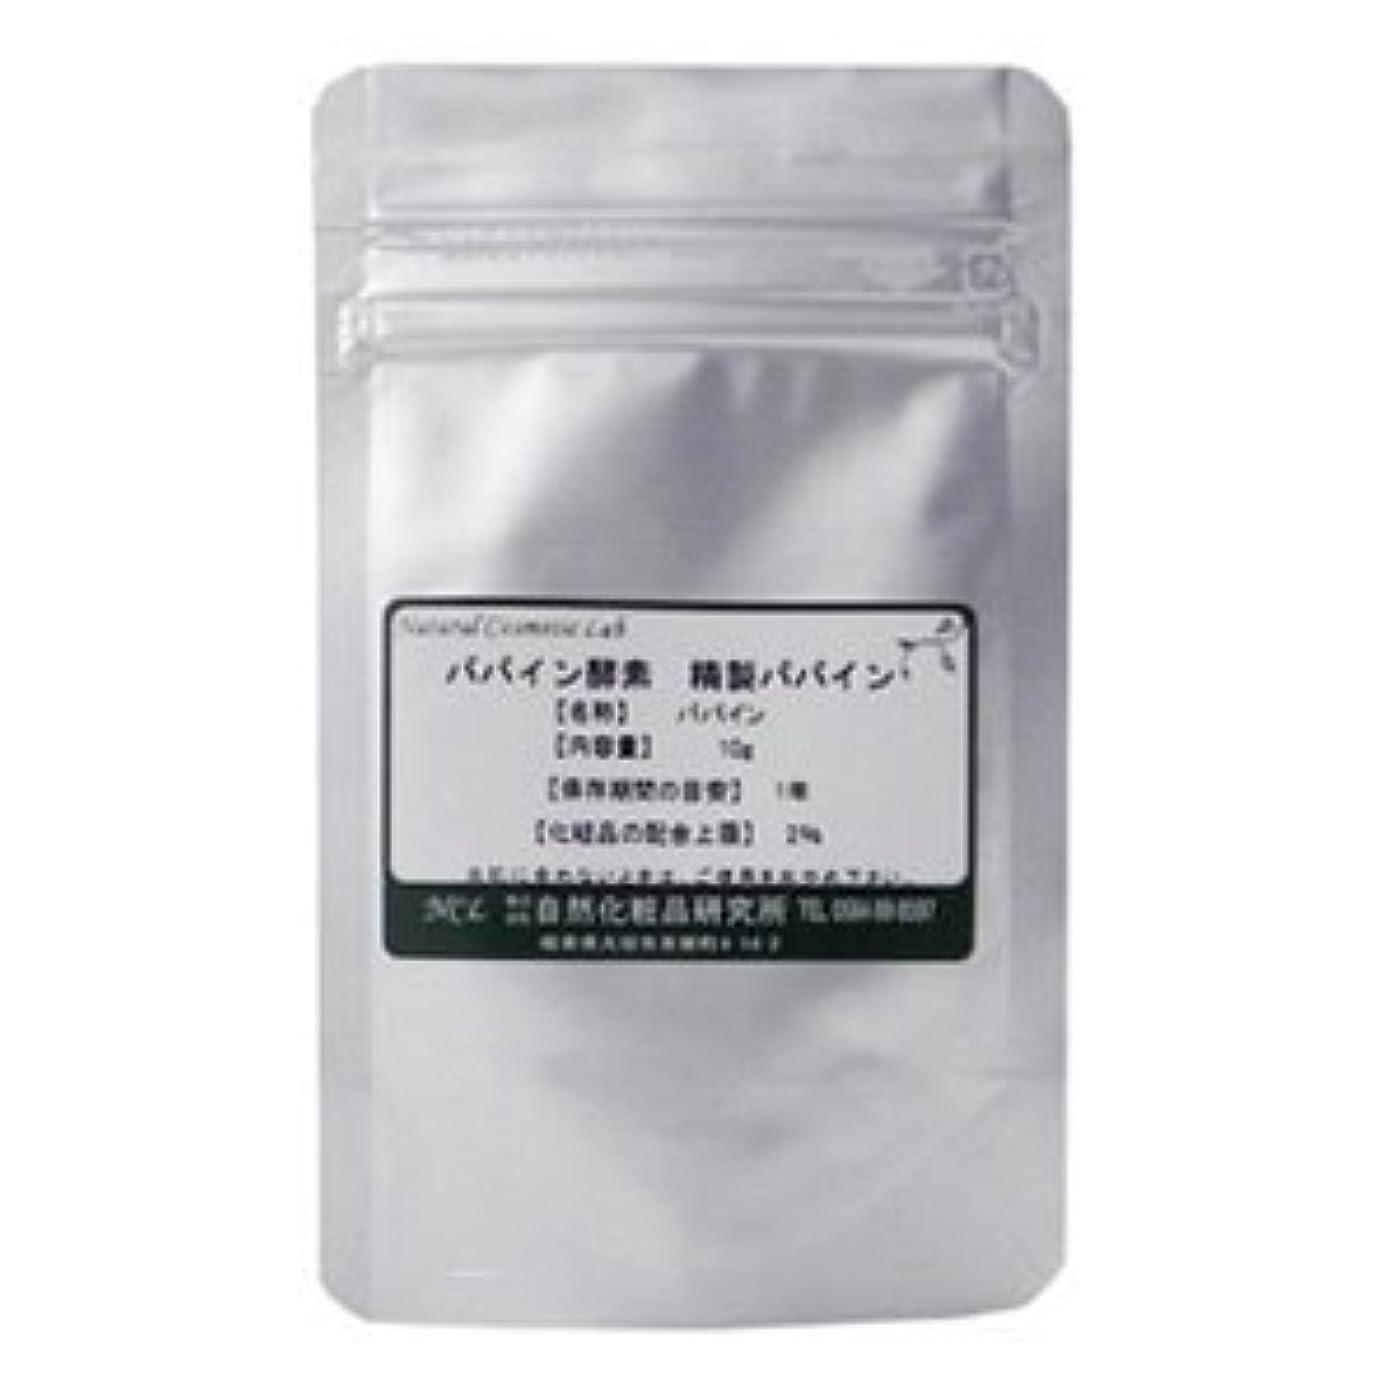 生独裁者アシスタントパパイン酵素 精製パパイン 洗顔料 化粧品原料 10g